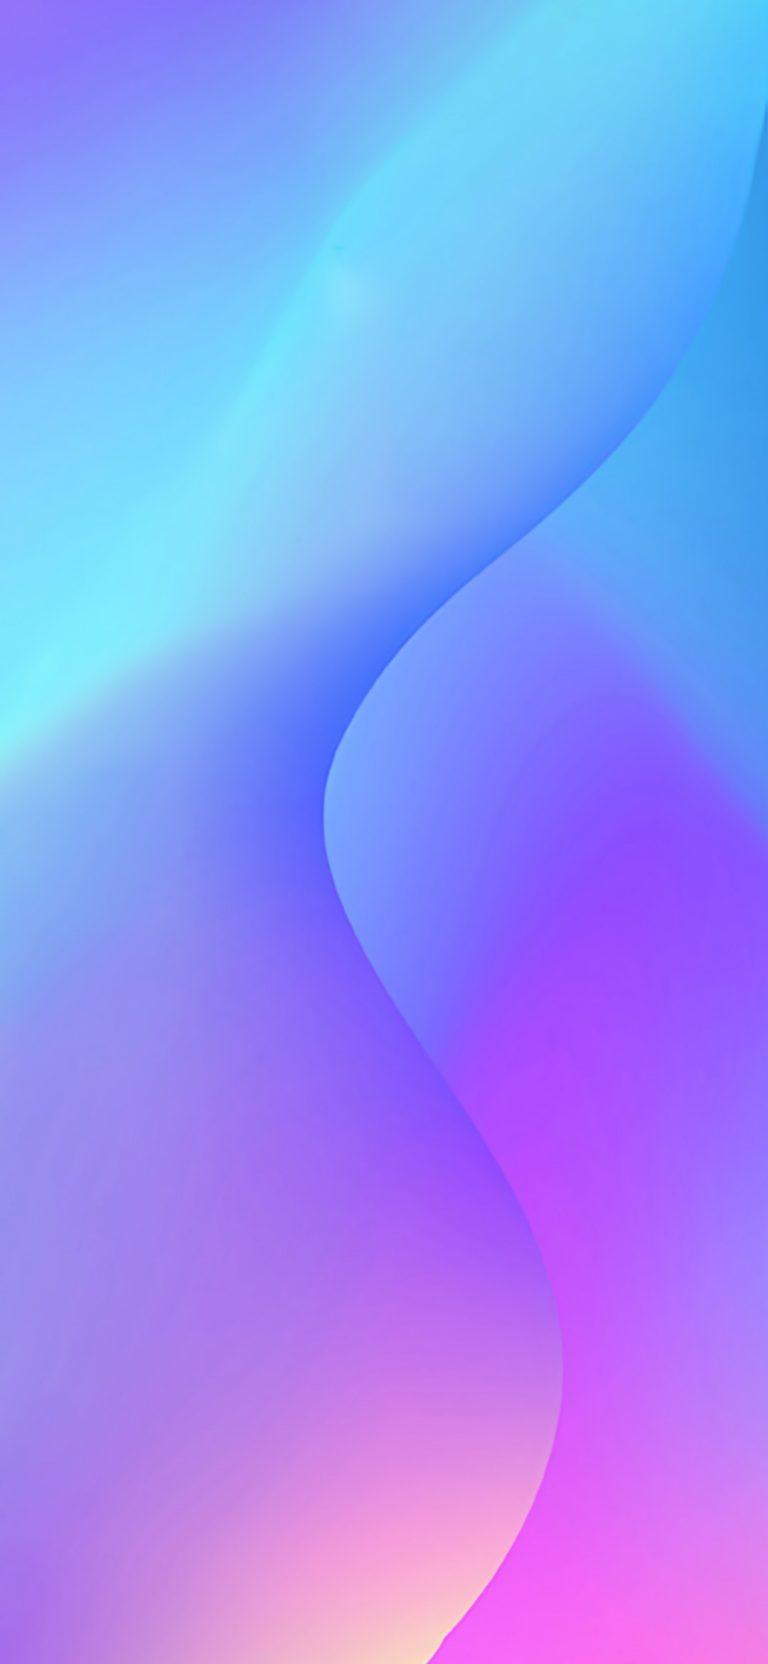 Redmi K20 Pro Stock Wallpaper 02 1080x2340 768x1664